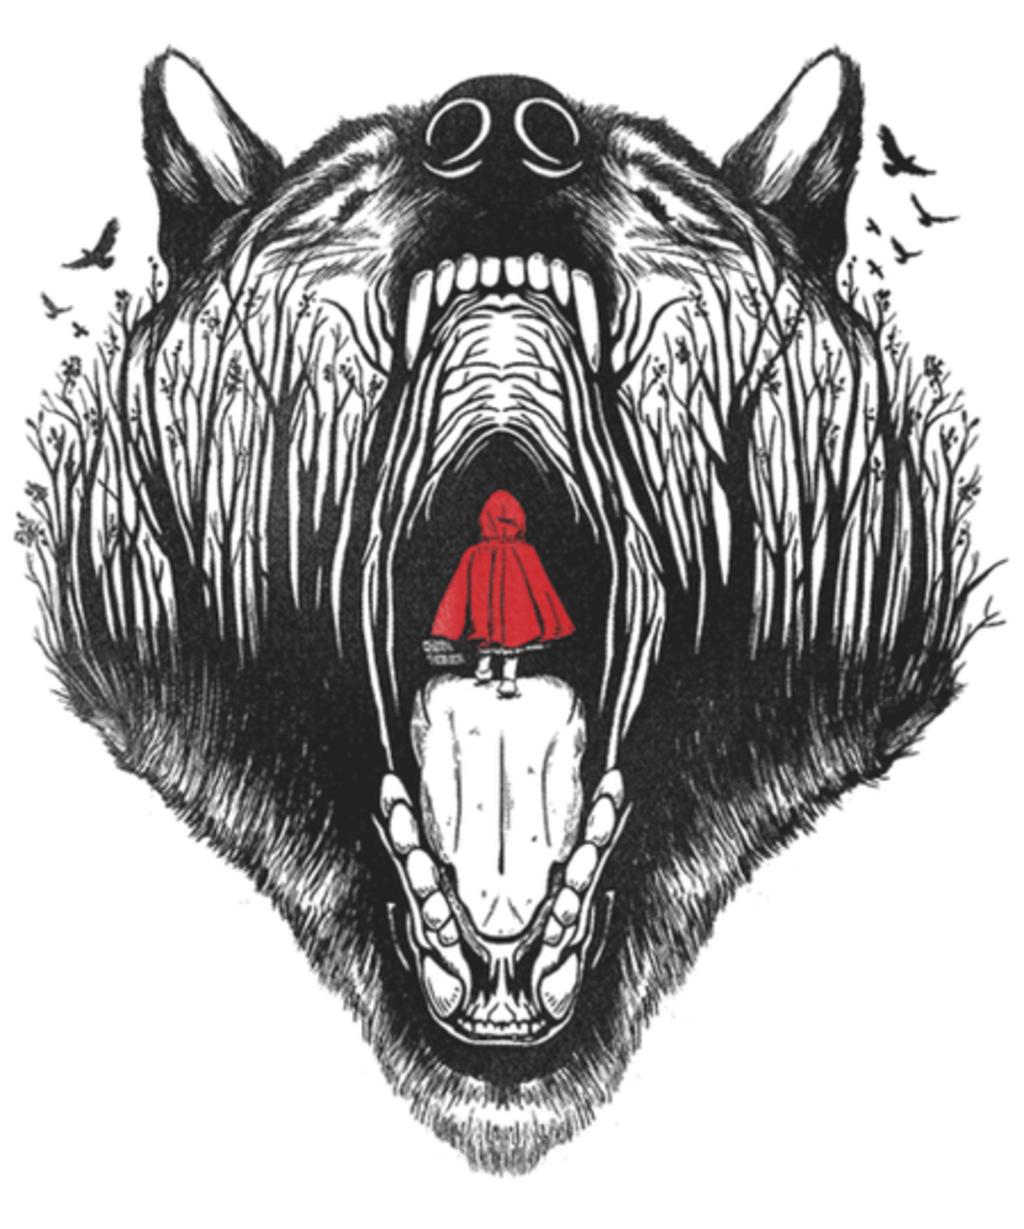 Qwertee: Little red riding hood